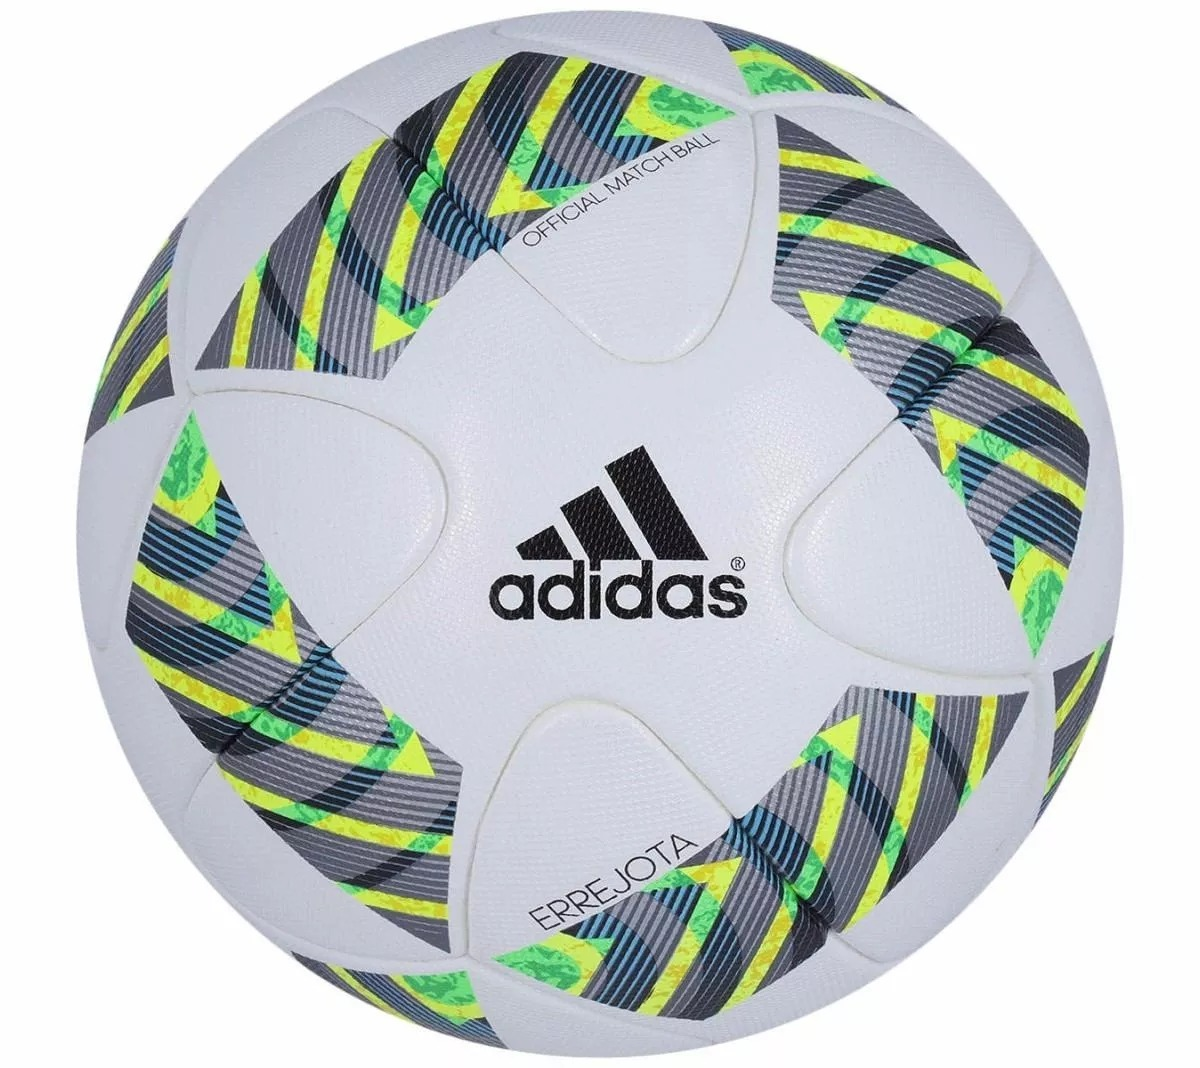 bola campo adidas errejota omb olimpíadas rio 2016 1magnus. Carregando zoom. 6d6a05b8b483f